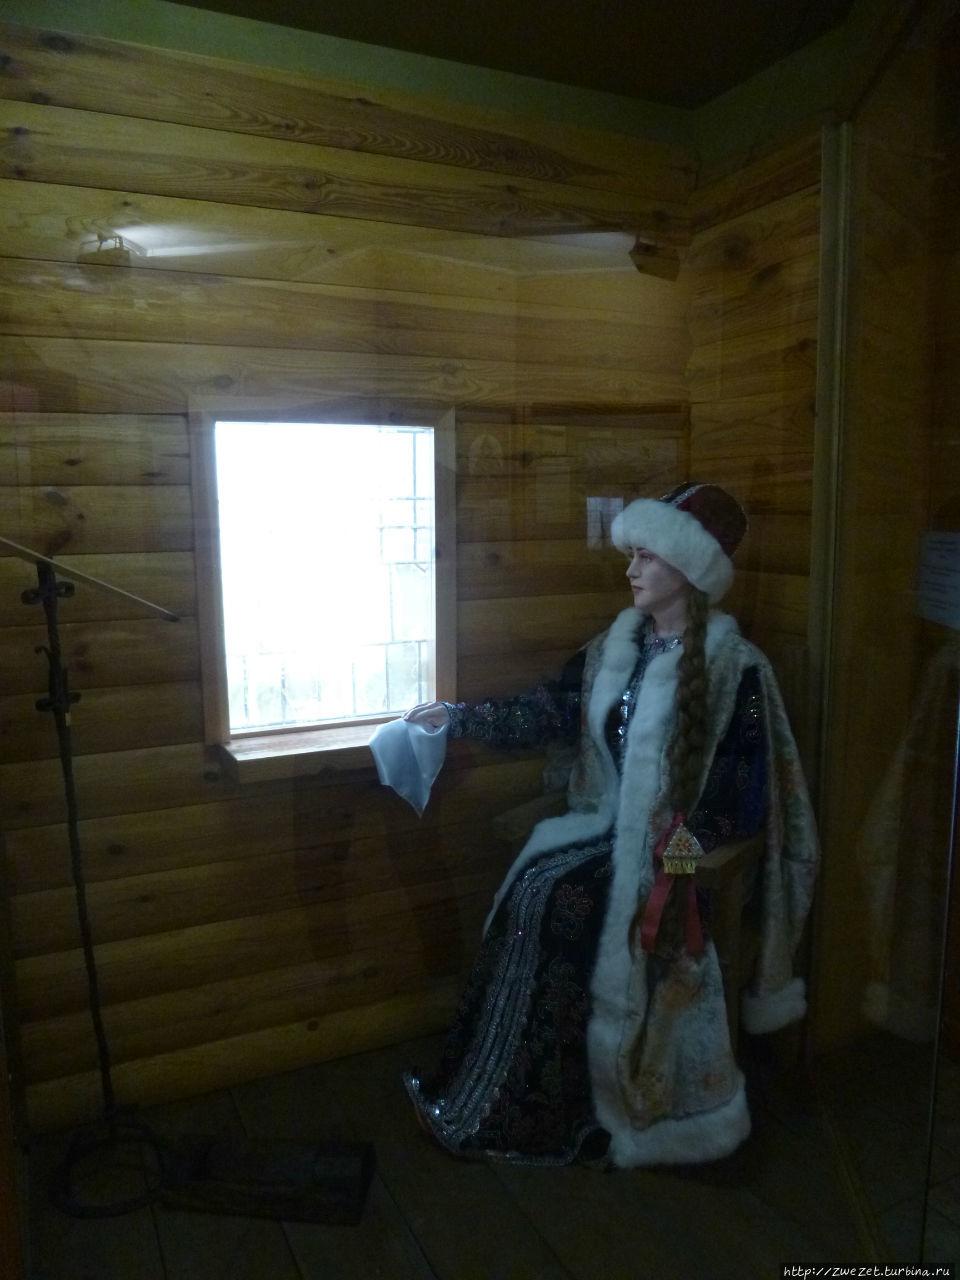 Верхотурье было популярным местом ссылки несостоявшихся невест или надоевших жен царей или знатных бояр. Боярская или царская невеста грустит у окна, оплакивая свою разбитую судьбу